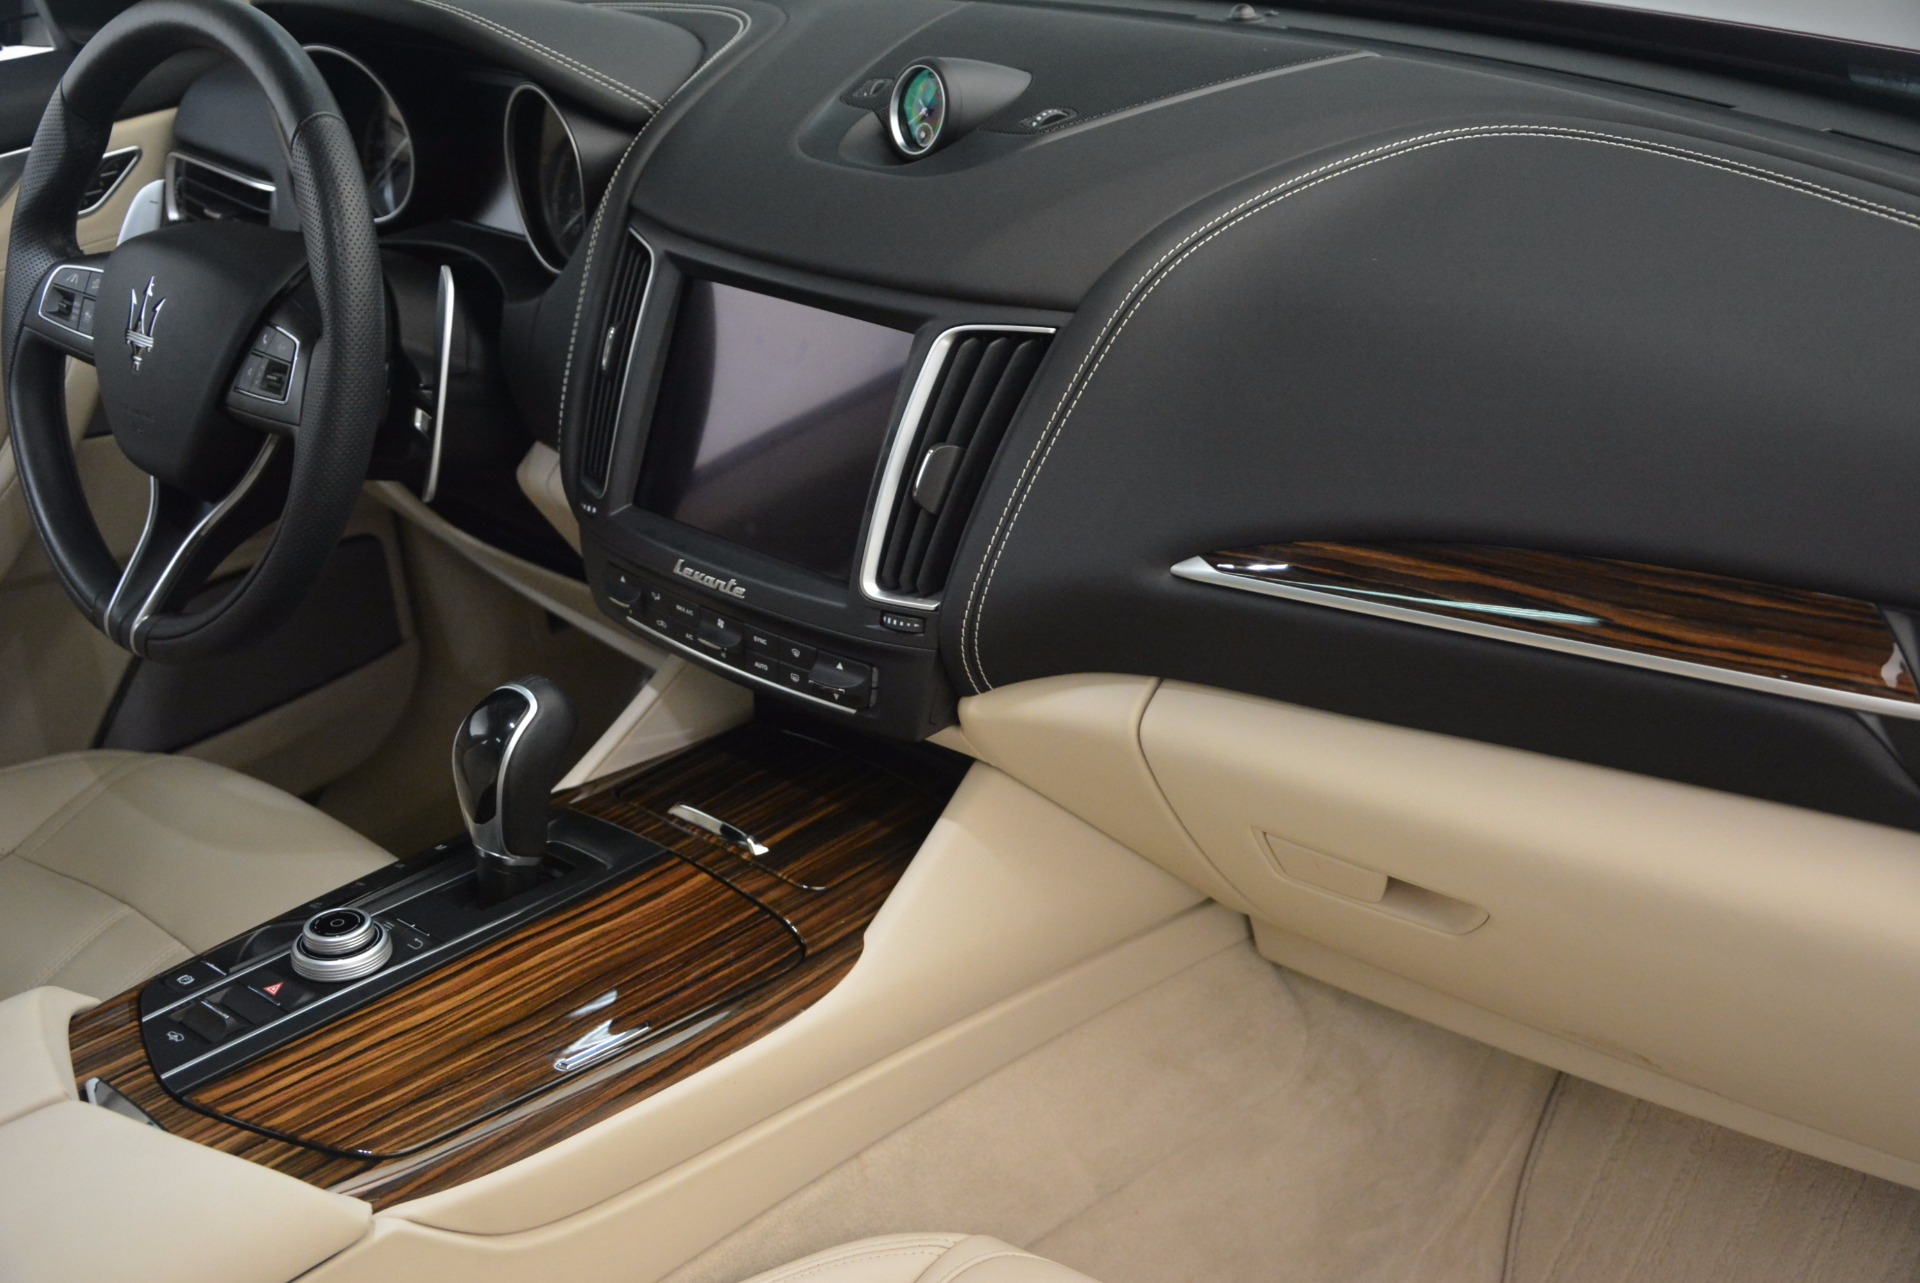 Used 2017 Maserati Levante S For Sale In Greenwich, CT 1463_p19